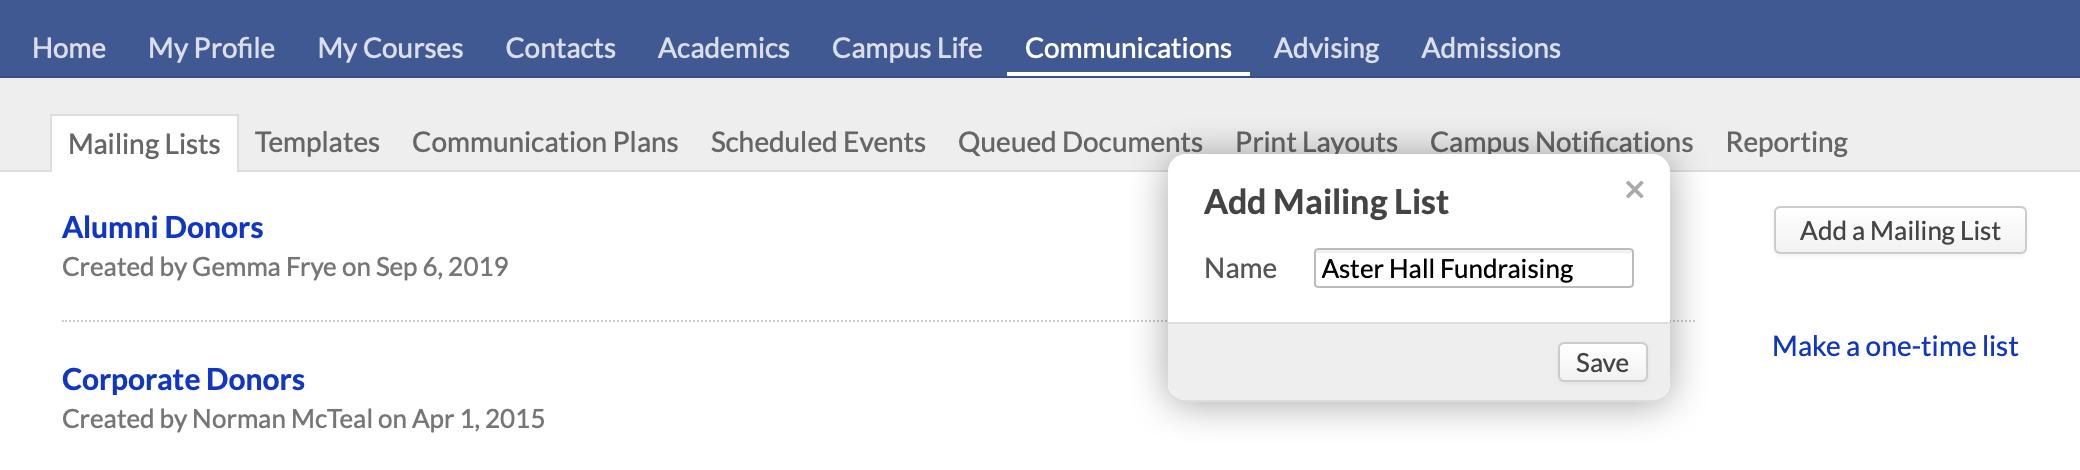 communications_mailing_lists